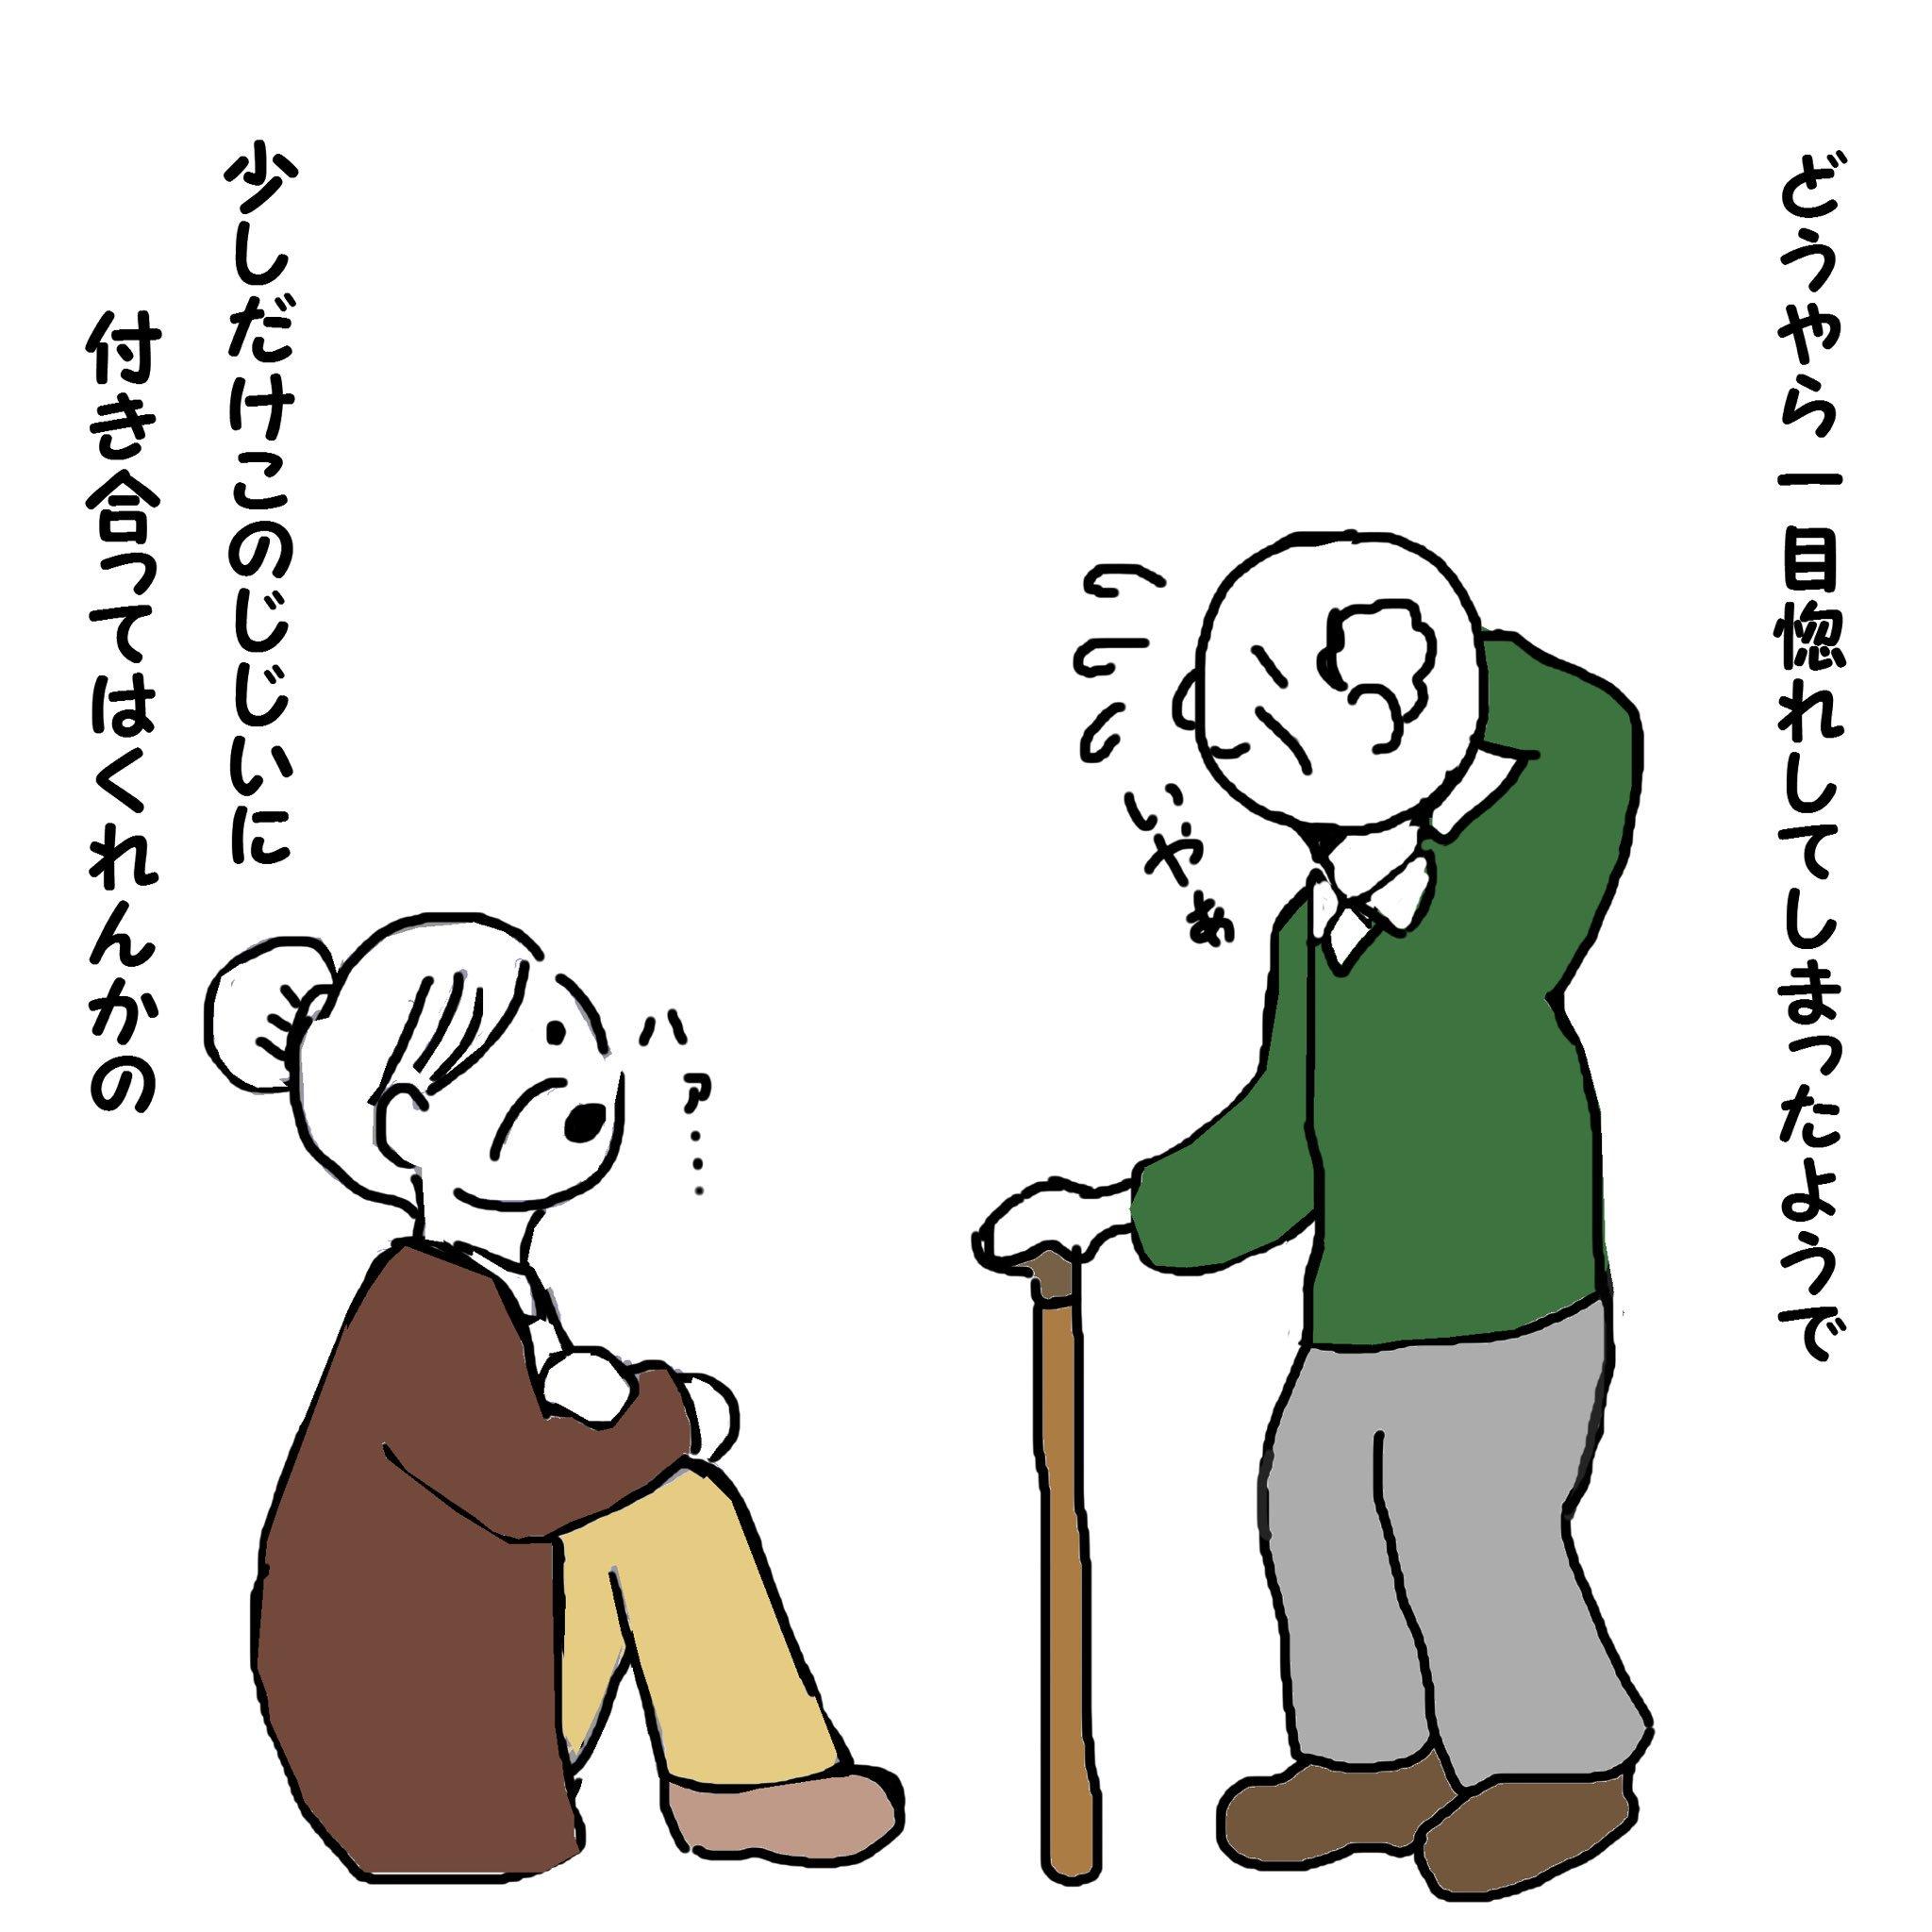 何度でも君に恋をしよう。ナンパをするお爺さんの漫画に感動…!